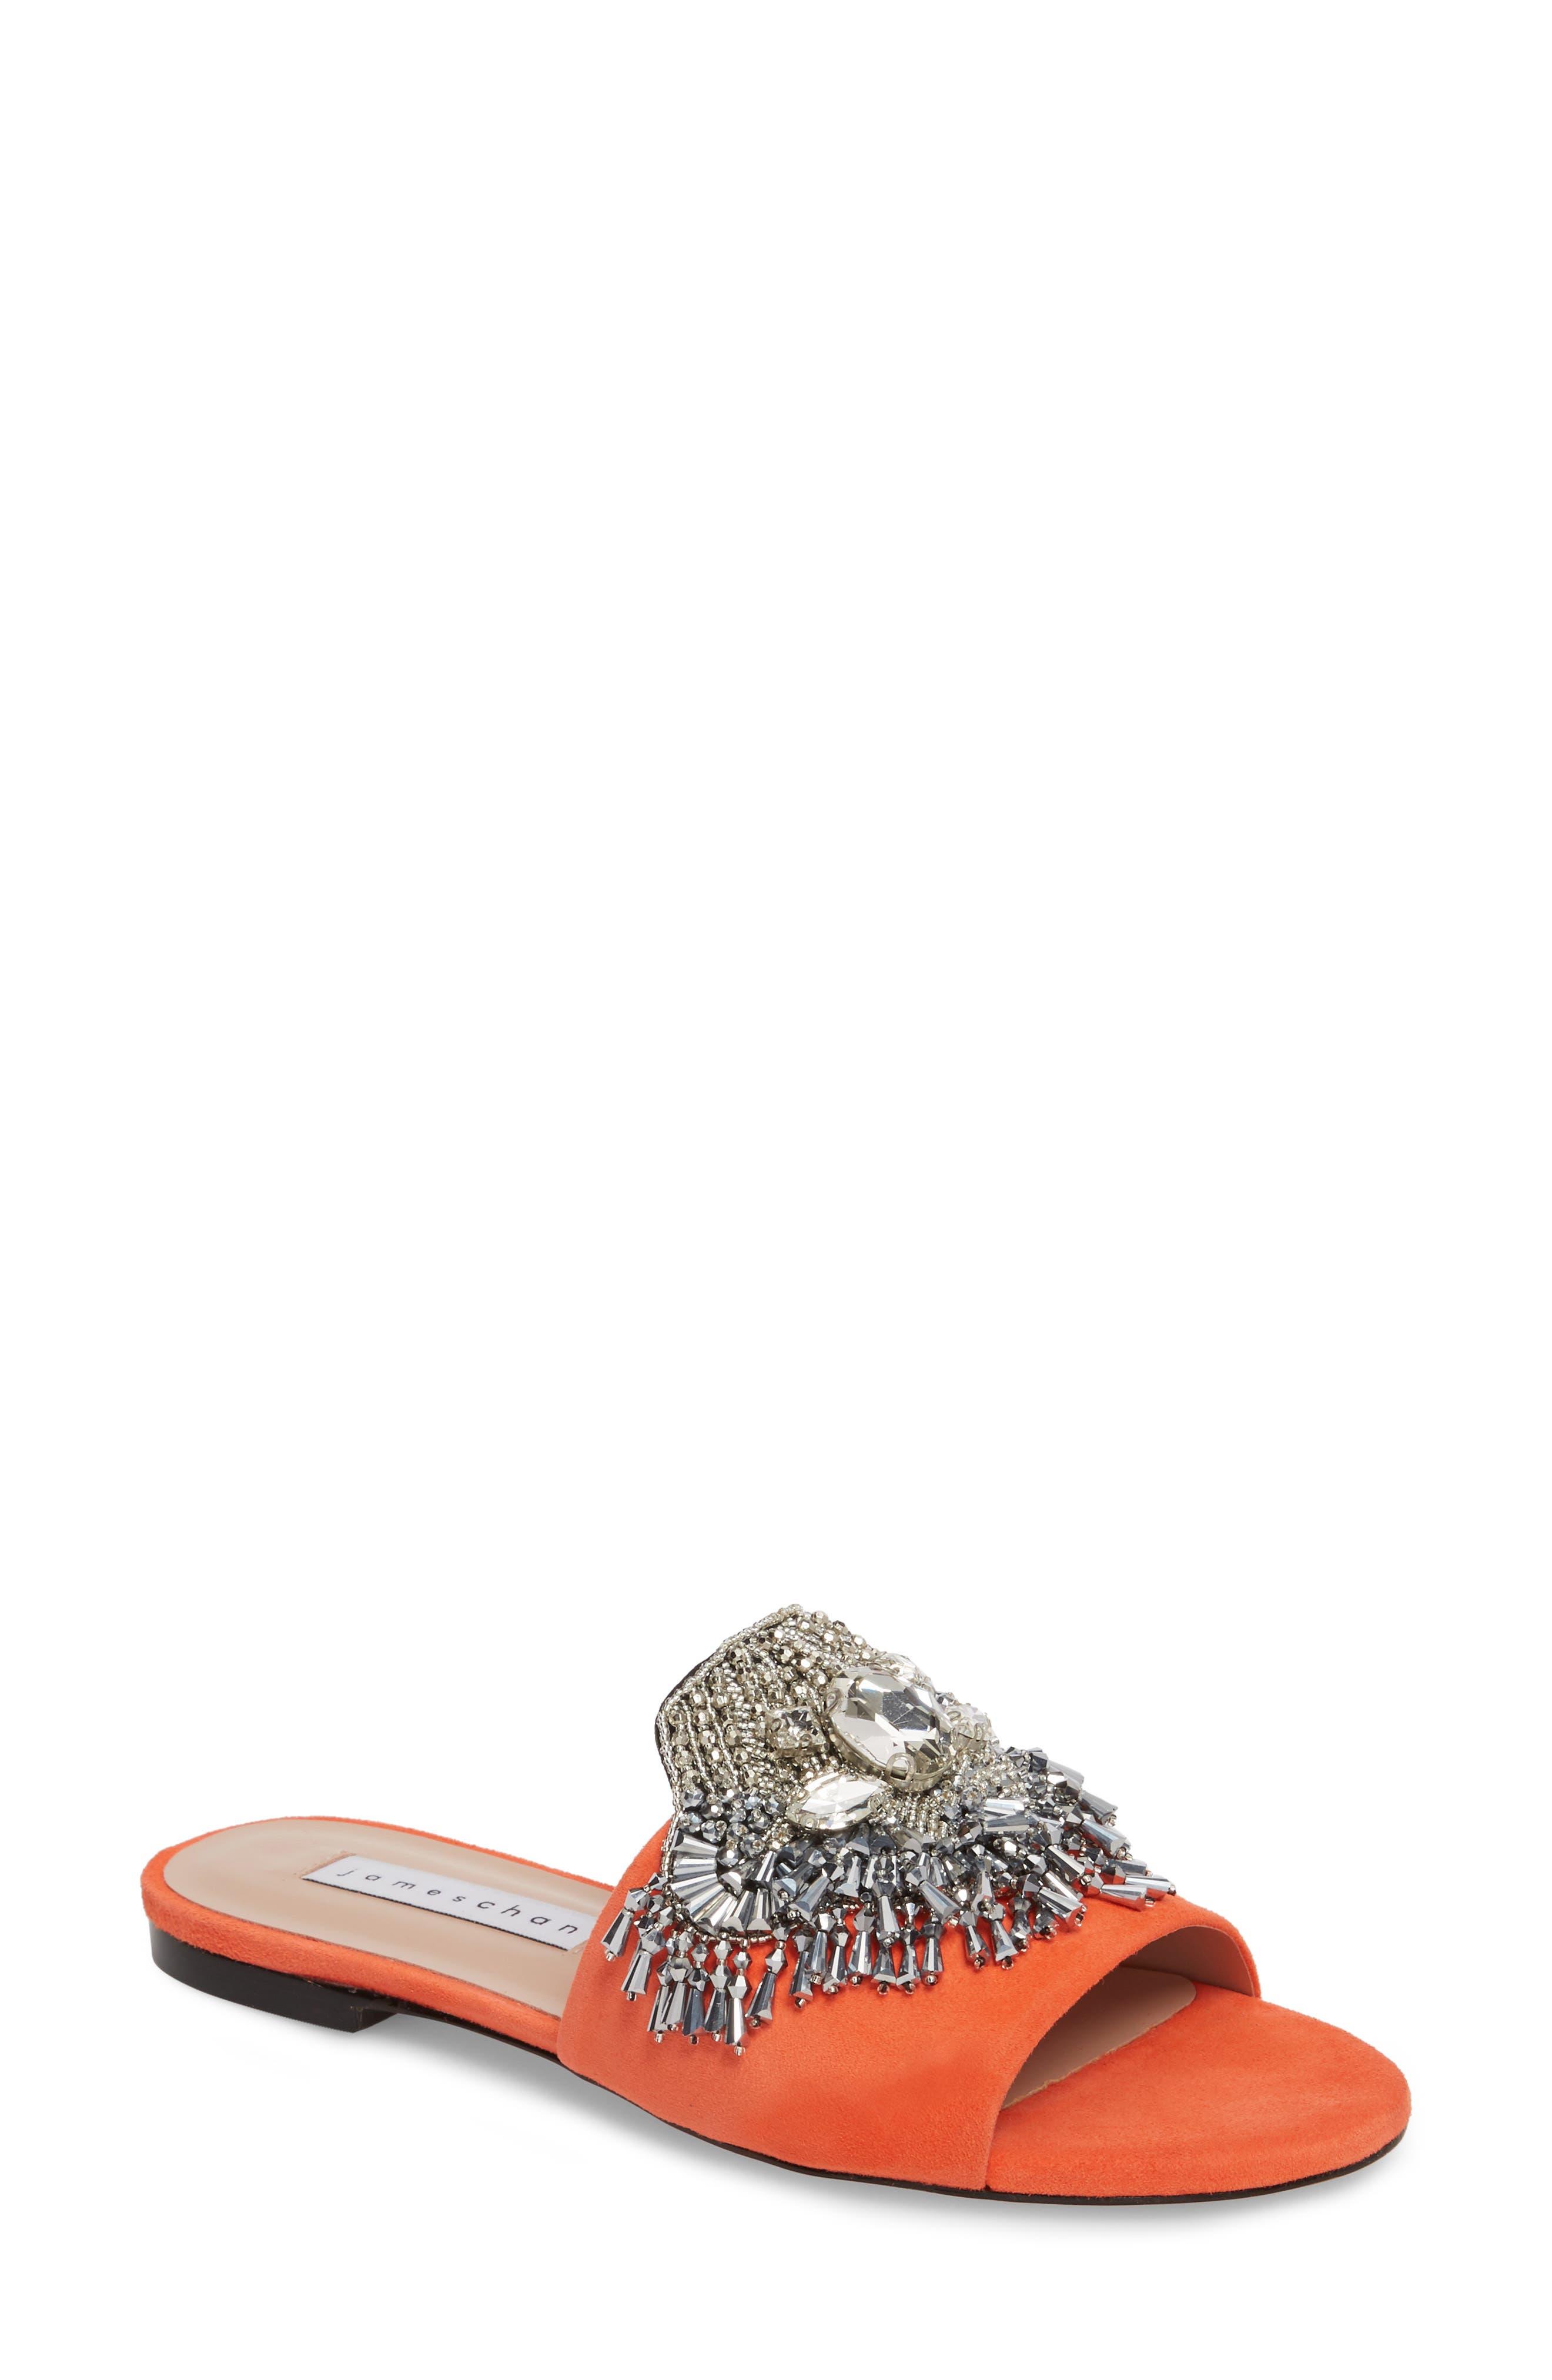 Jallie Crystal Embellished Slide,                         Main,                         color, Sun Kiss Suede